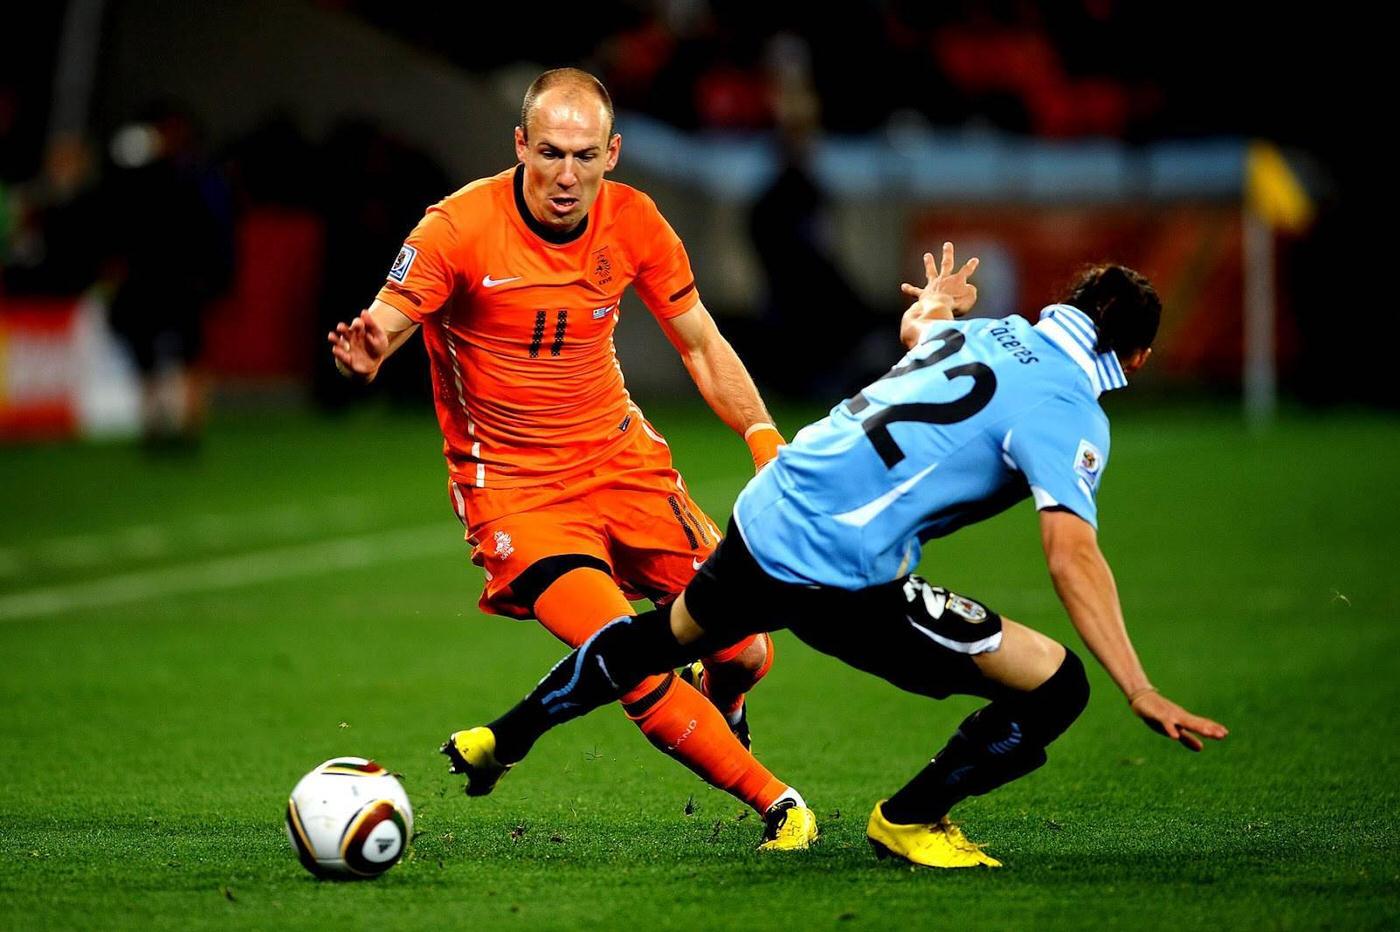 オランダ代表ロッベンの脅威のスピード